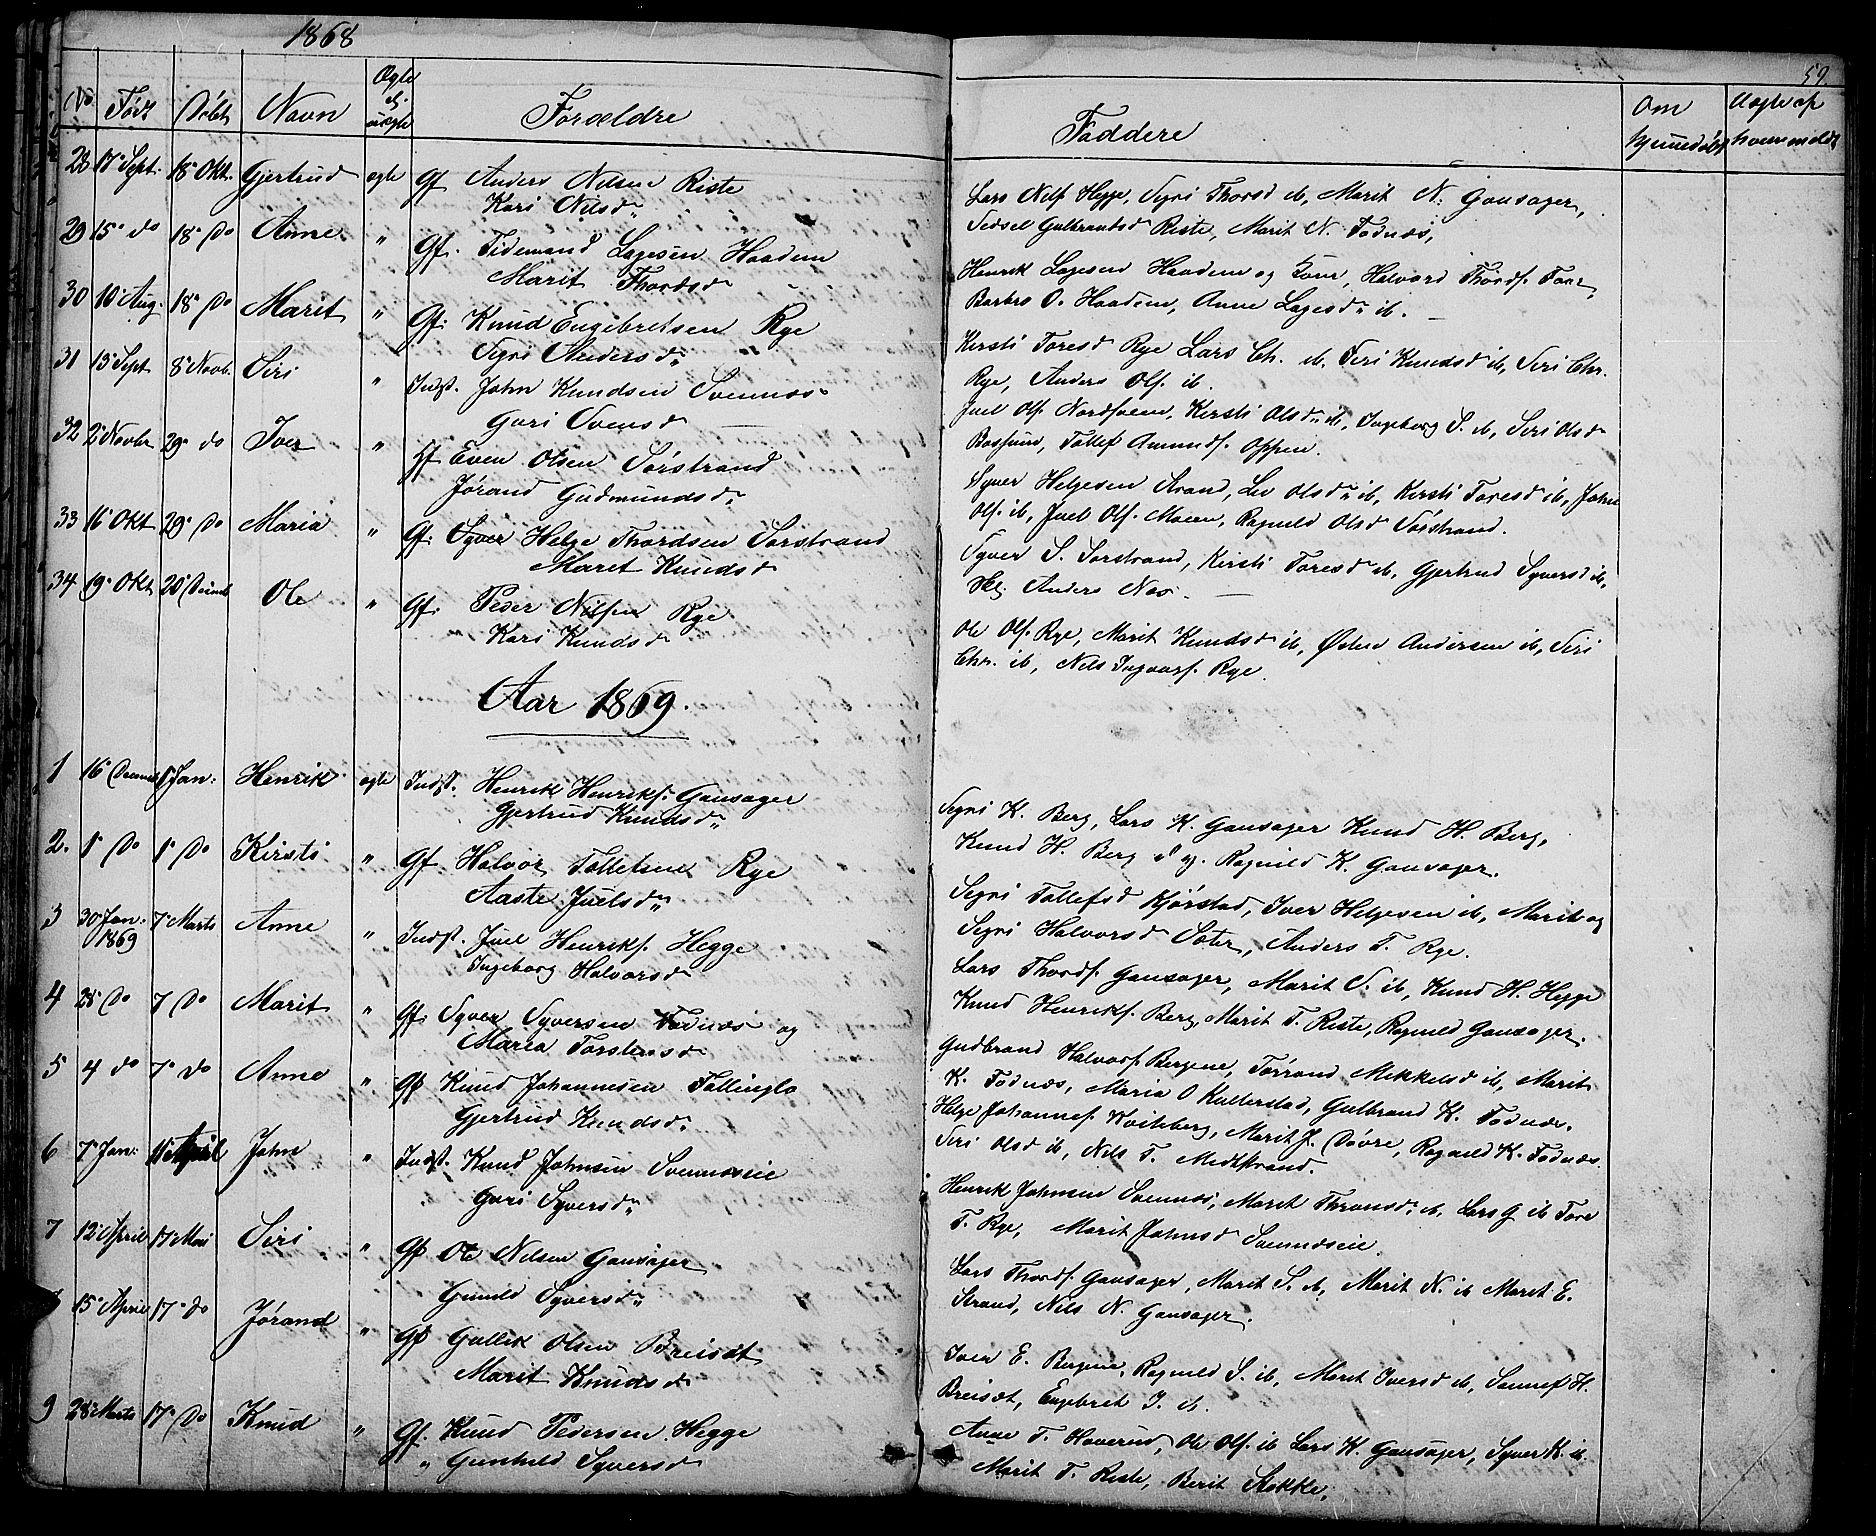 SAH, Nord-Aurdal prestekontor, Klokkerbok nr. 3, 1842-1882, s. 60